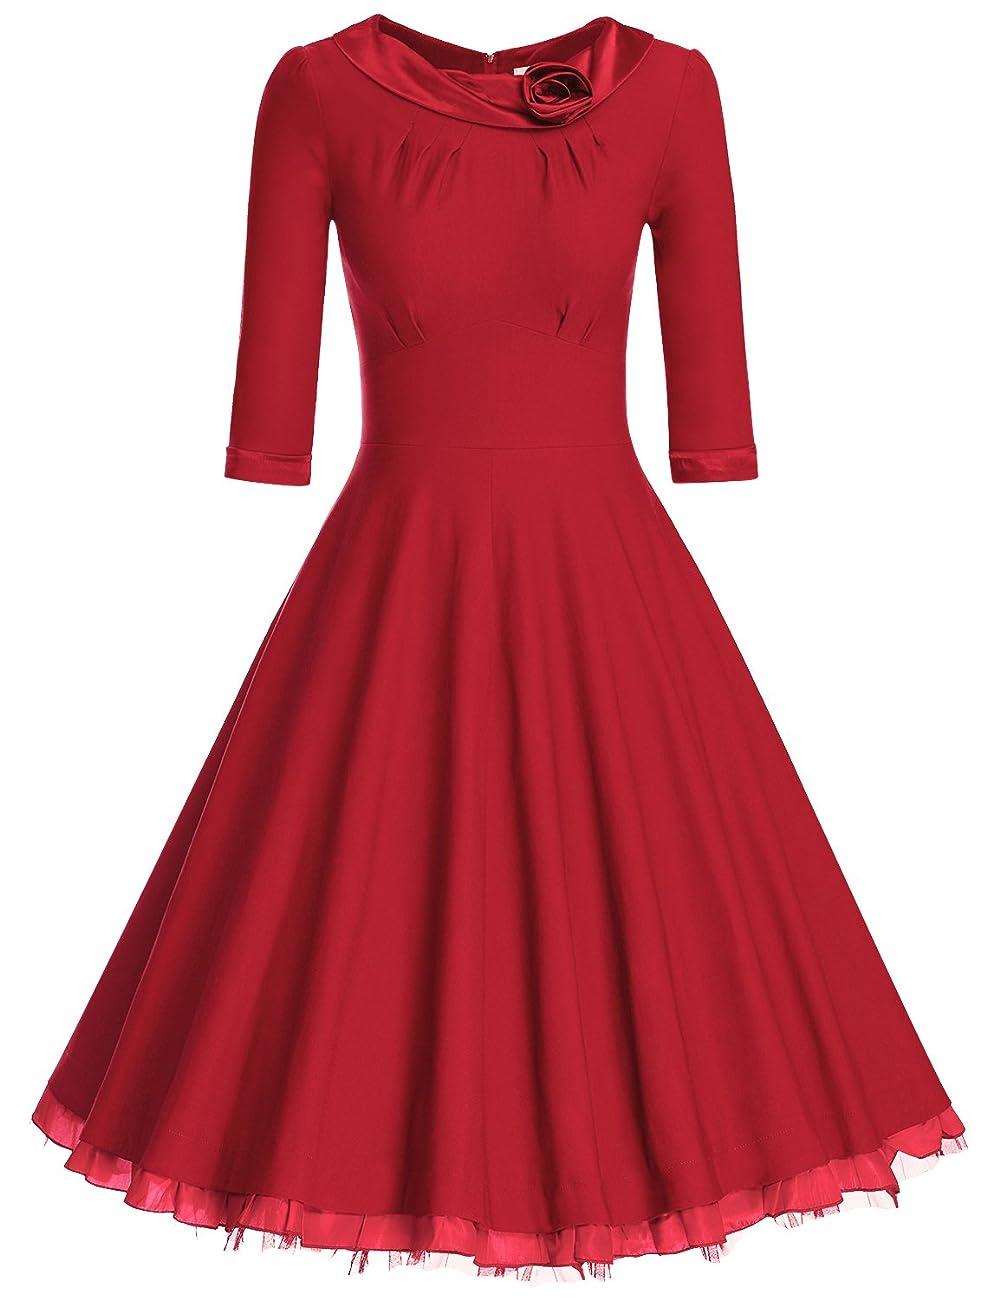 MUXXN Women's 1950s Vintage 3/4 Sleeve Rockabilly Swing Dress 0